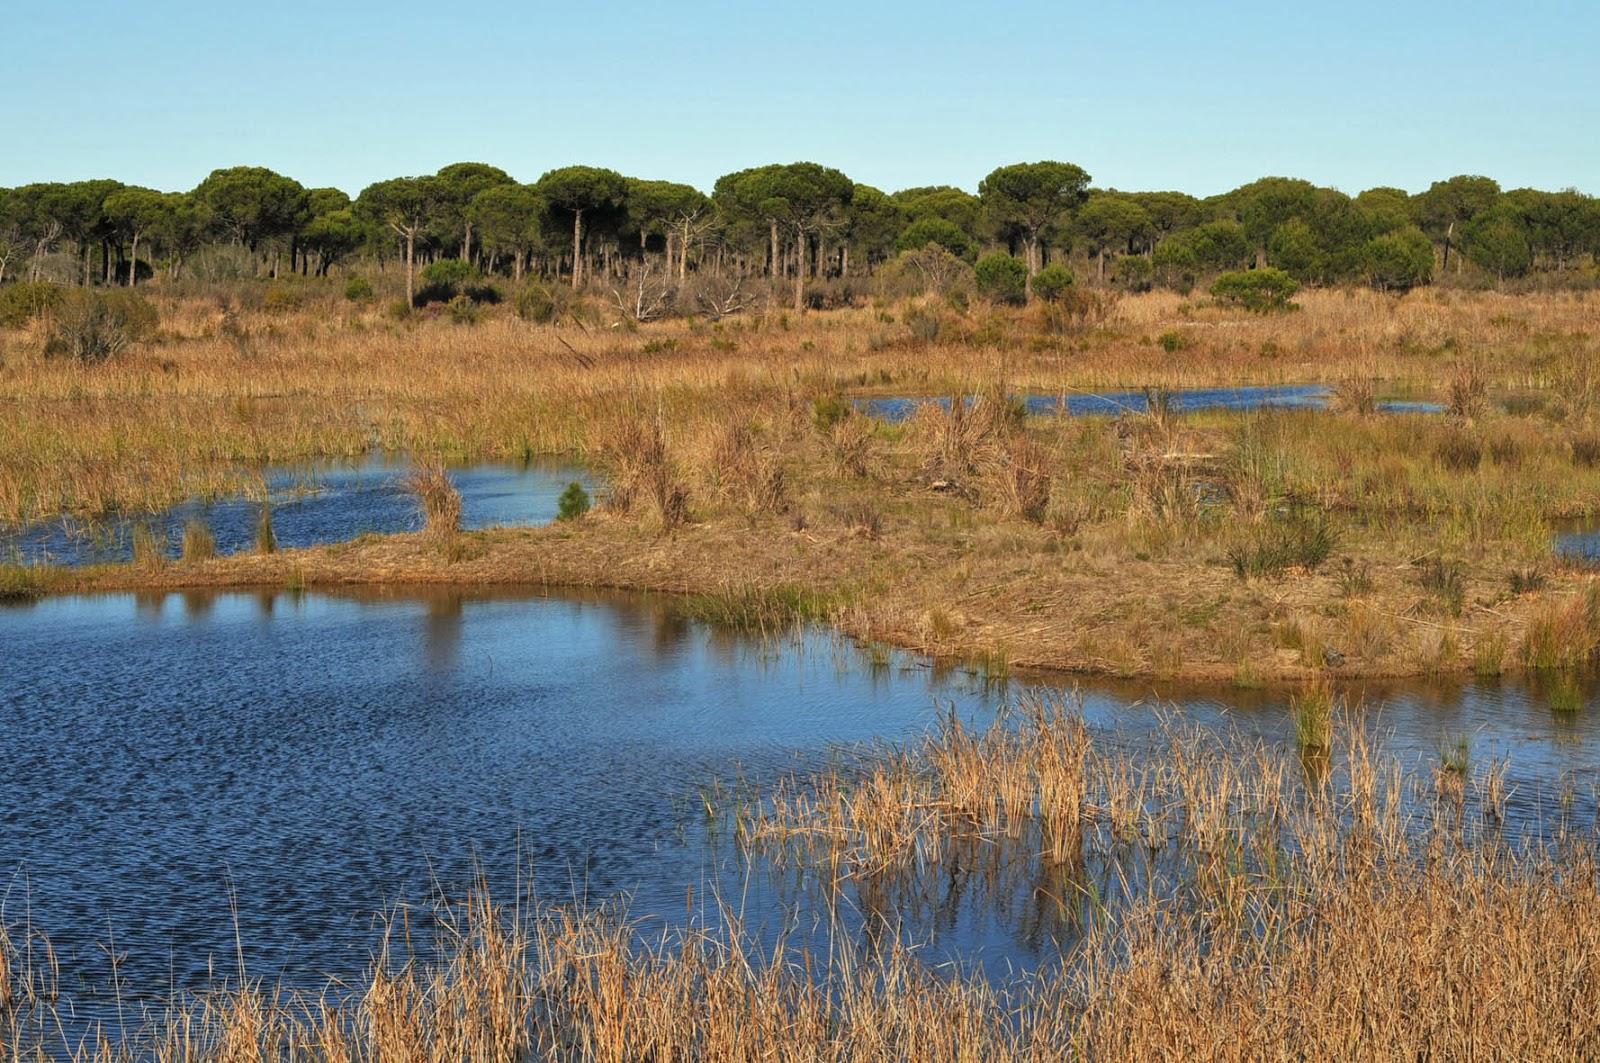 riqueza,Andalucia,superficie,protegida, biologica,especies,parque